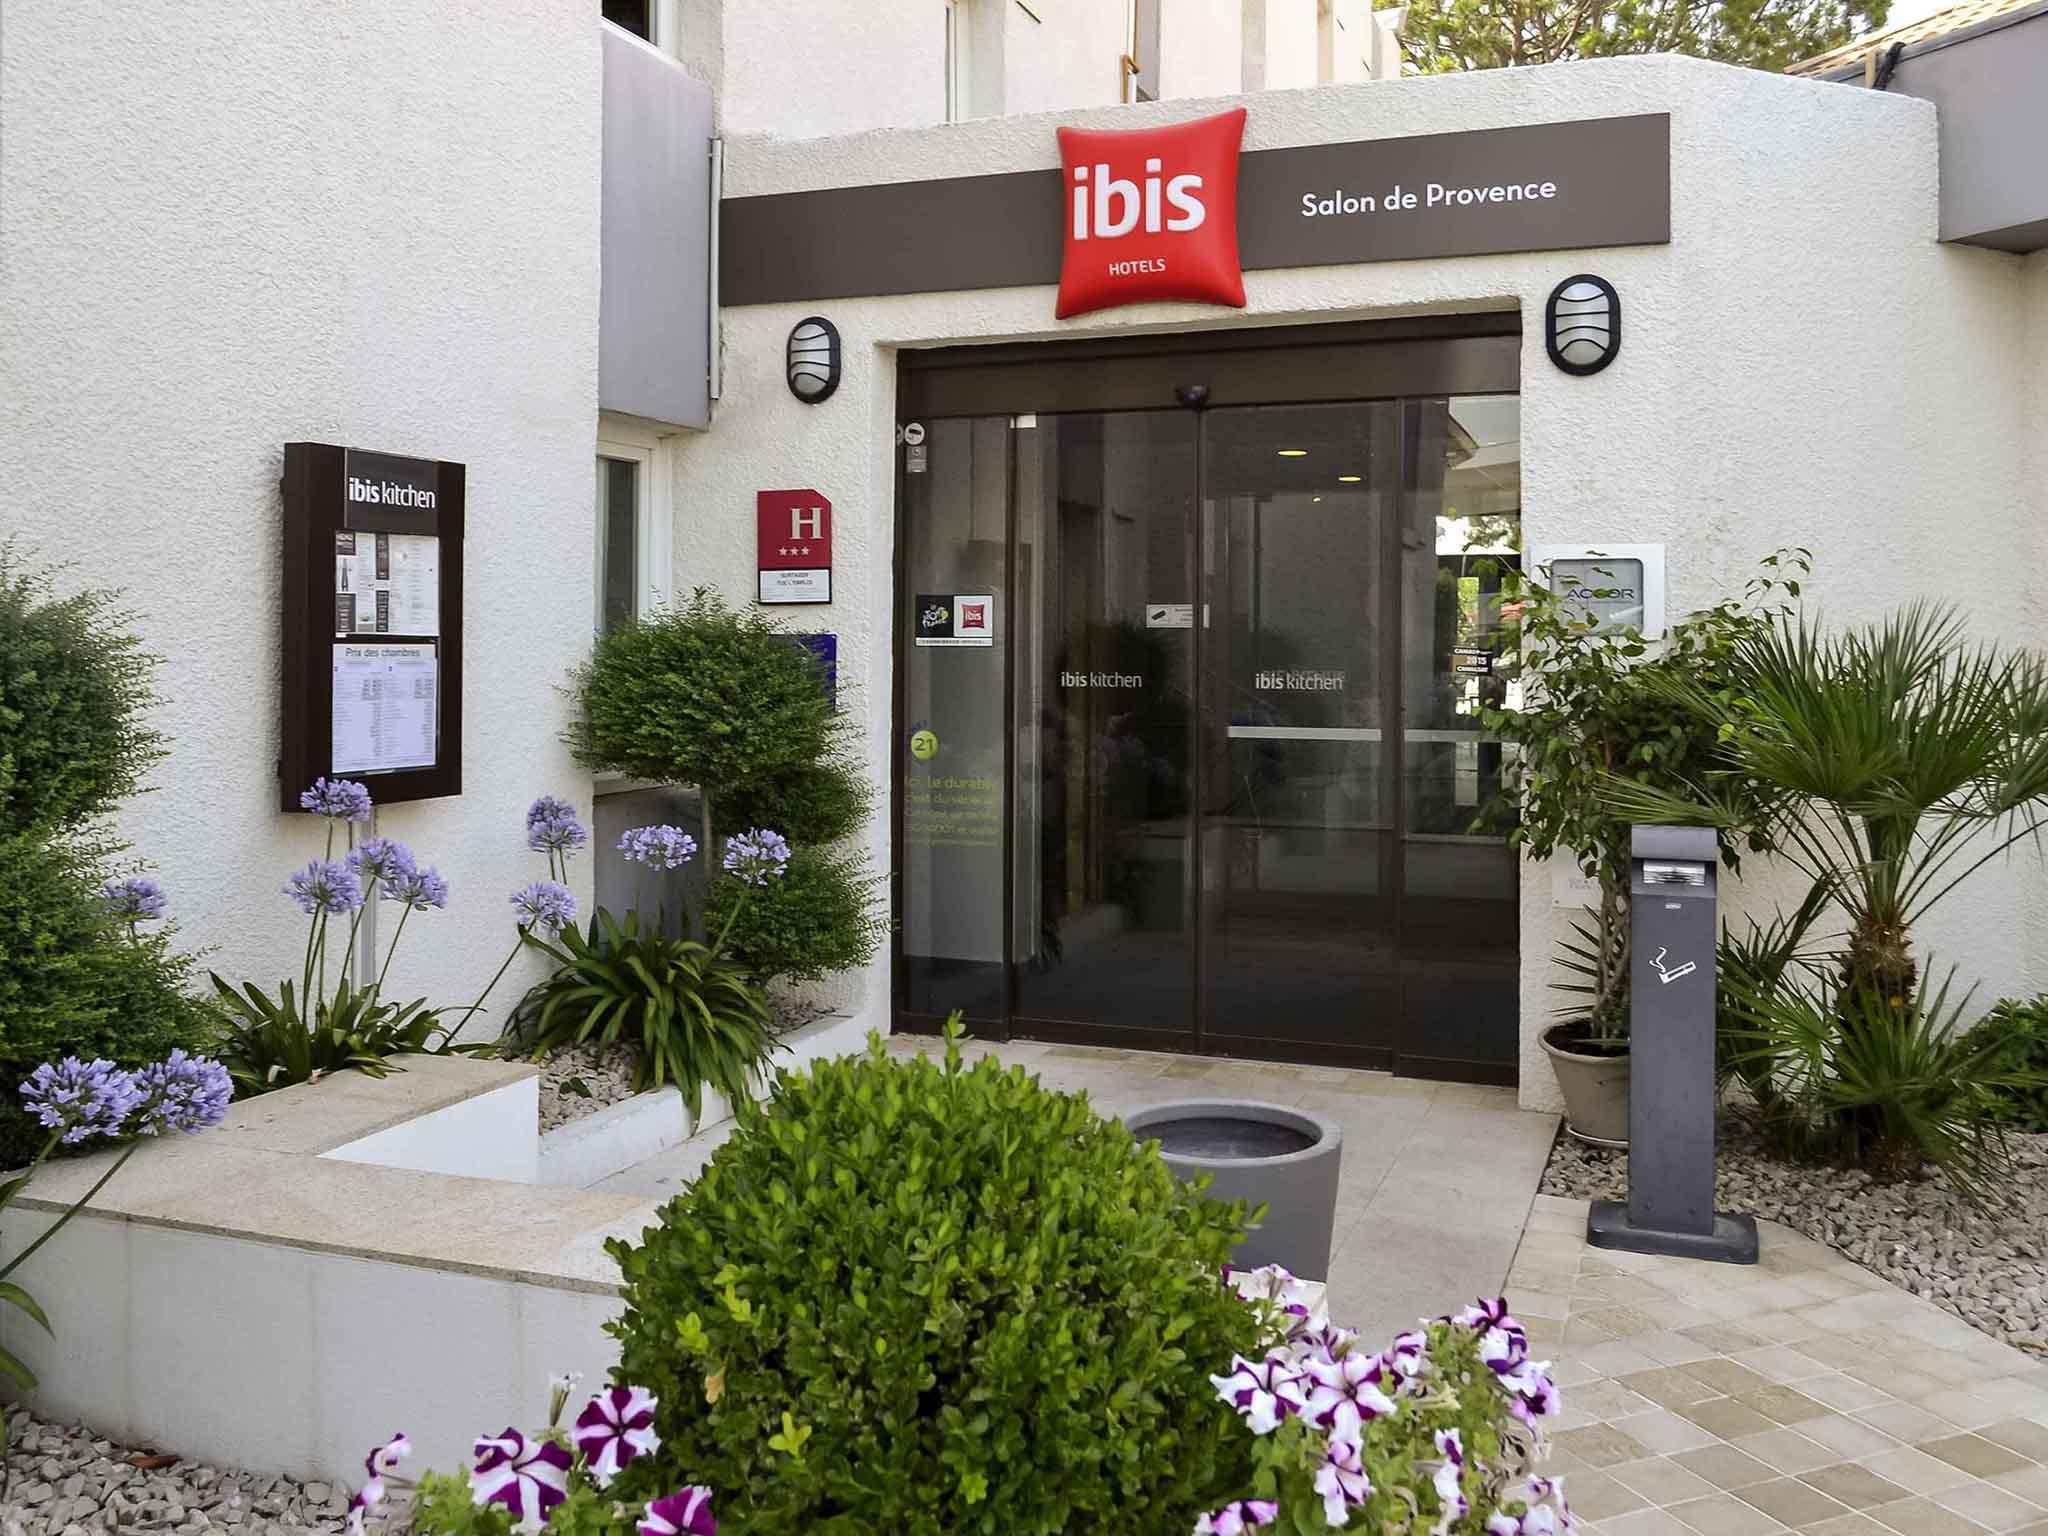 Hotel di ibis salon de provence sud ibis salon de for Hotel regina salon de provence